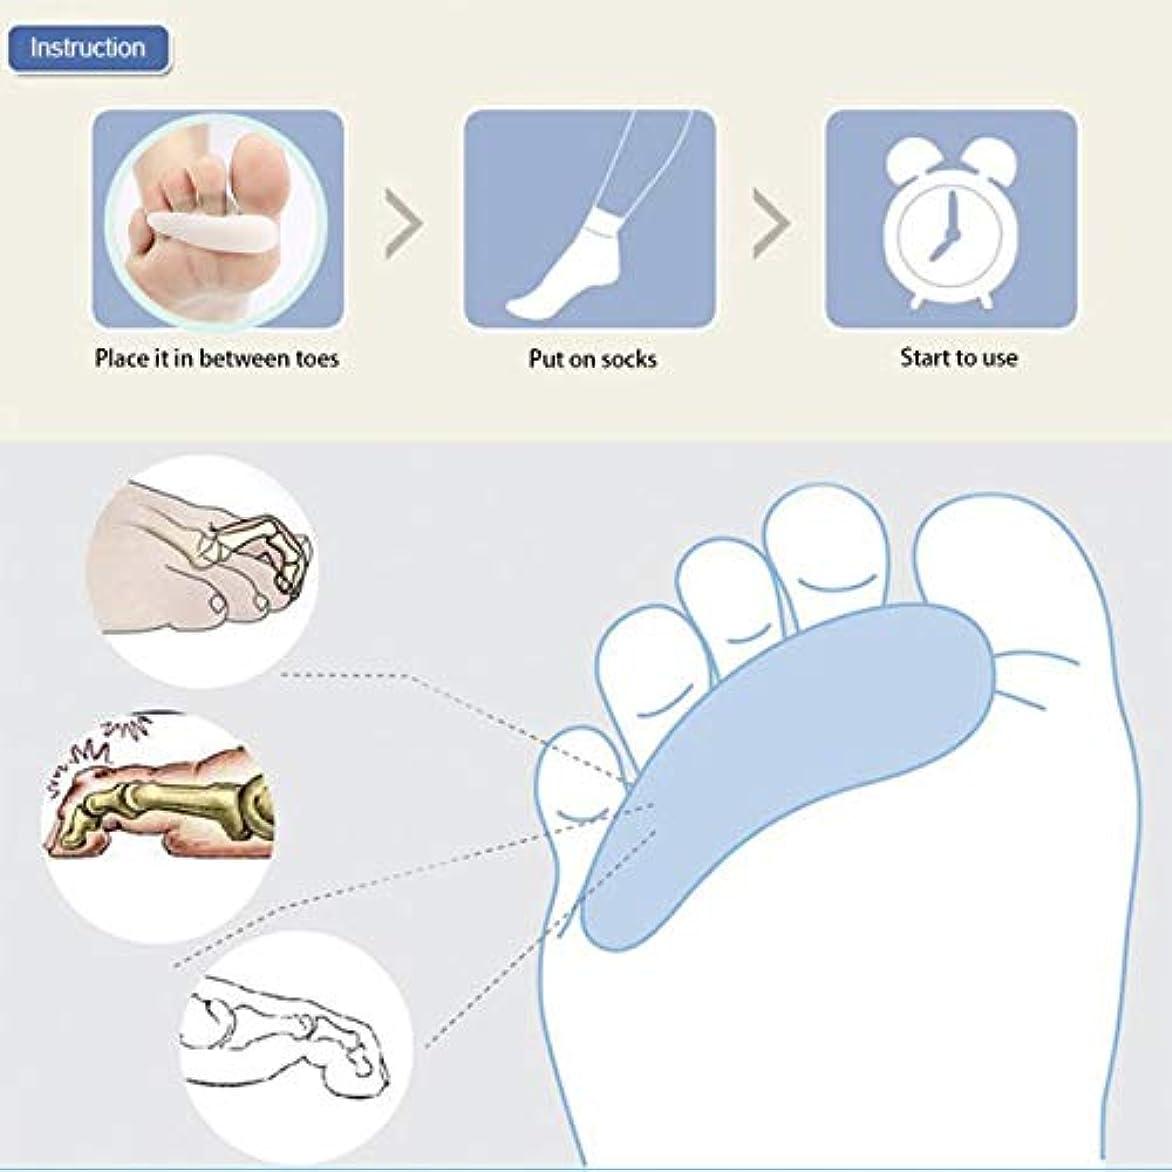 暴露する廃棄共感する単孔外反母趾疼痛緩和プロシリコンつま先セパレータつま先パッドけいれんハンマーつま先整形外科